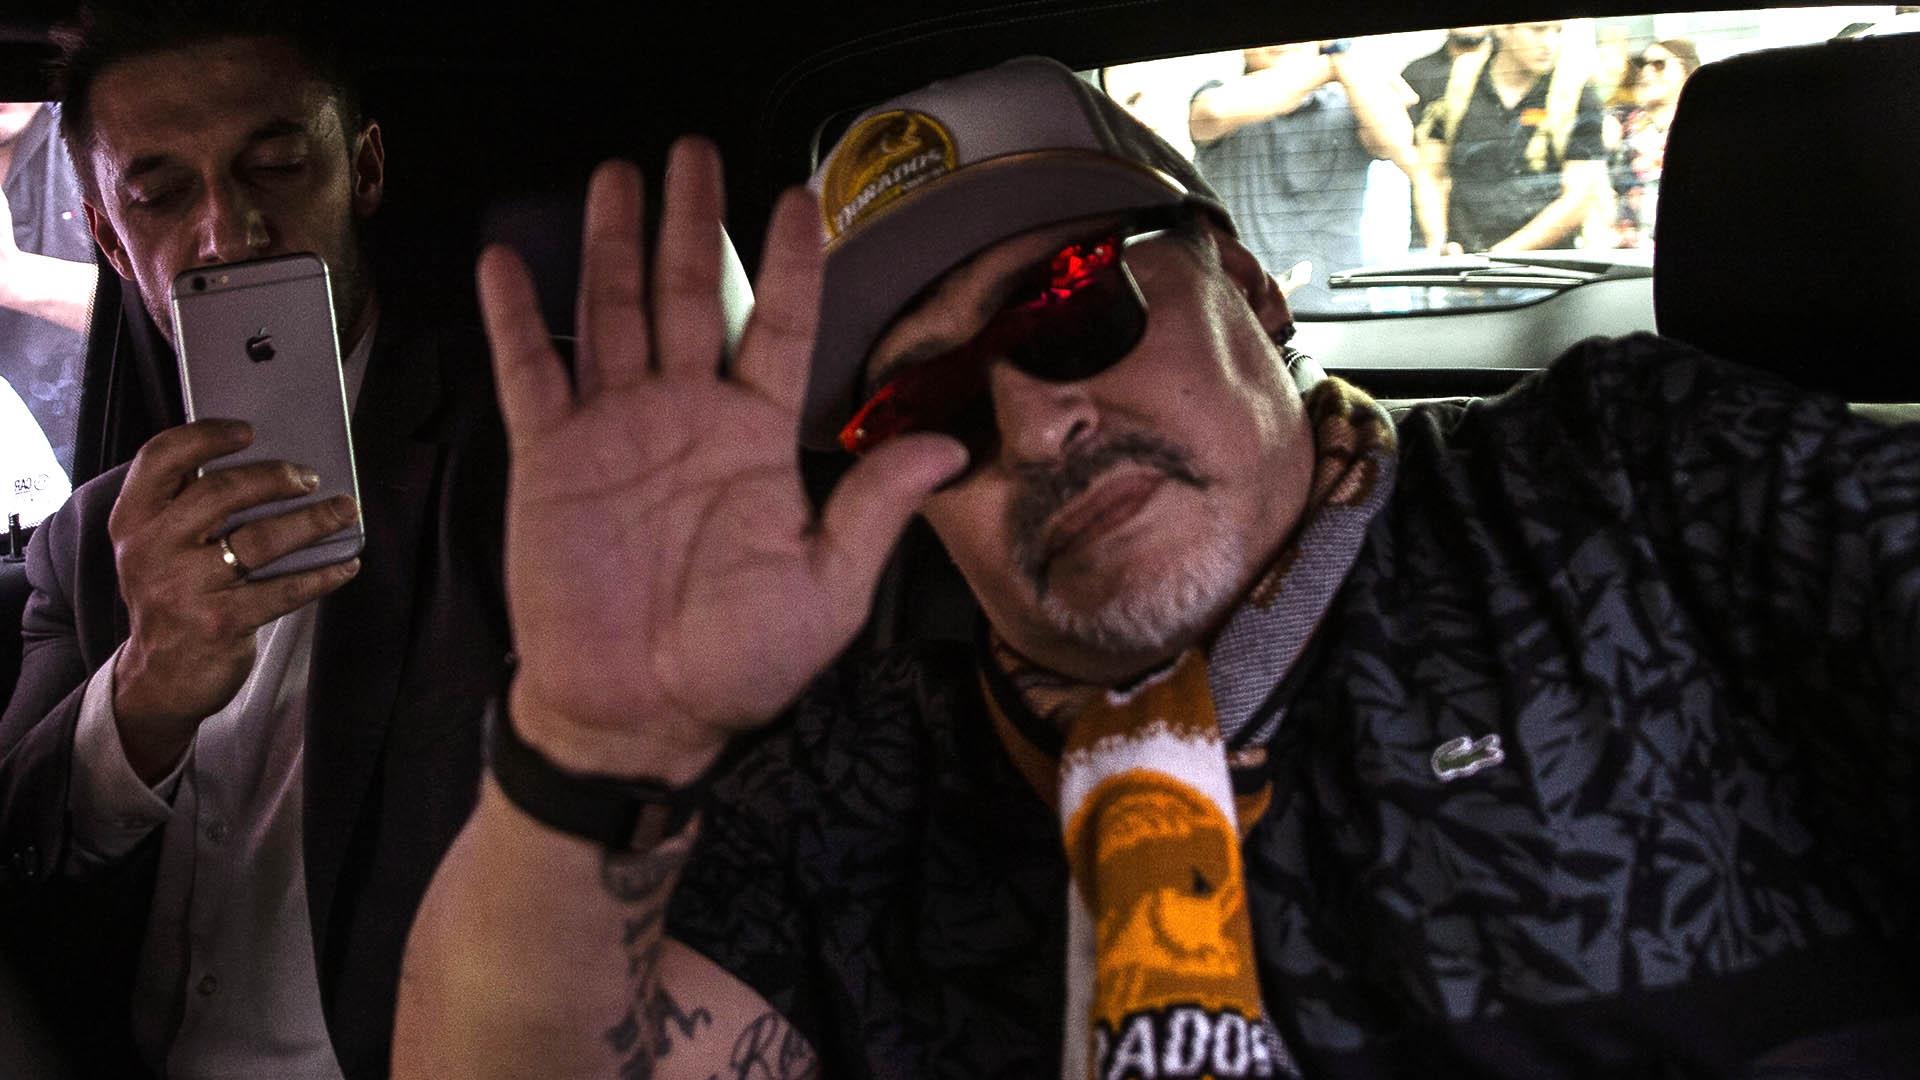 La prensa de México informó que Maradona firmó un contrato por 11 meses con Dorados, acordando un salario de 150 mil dólares mensuales (AFP)